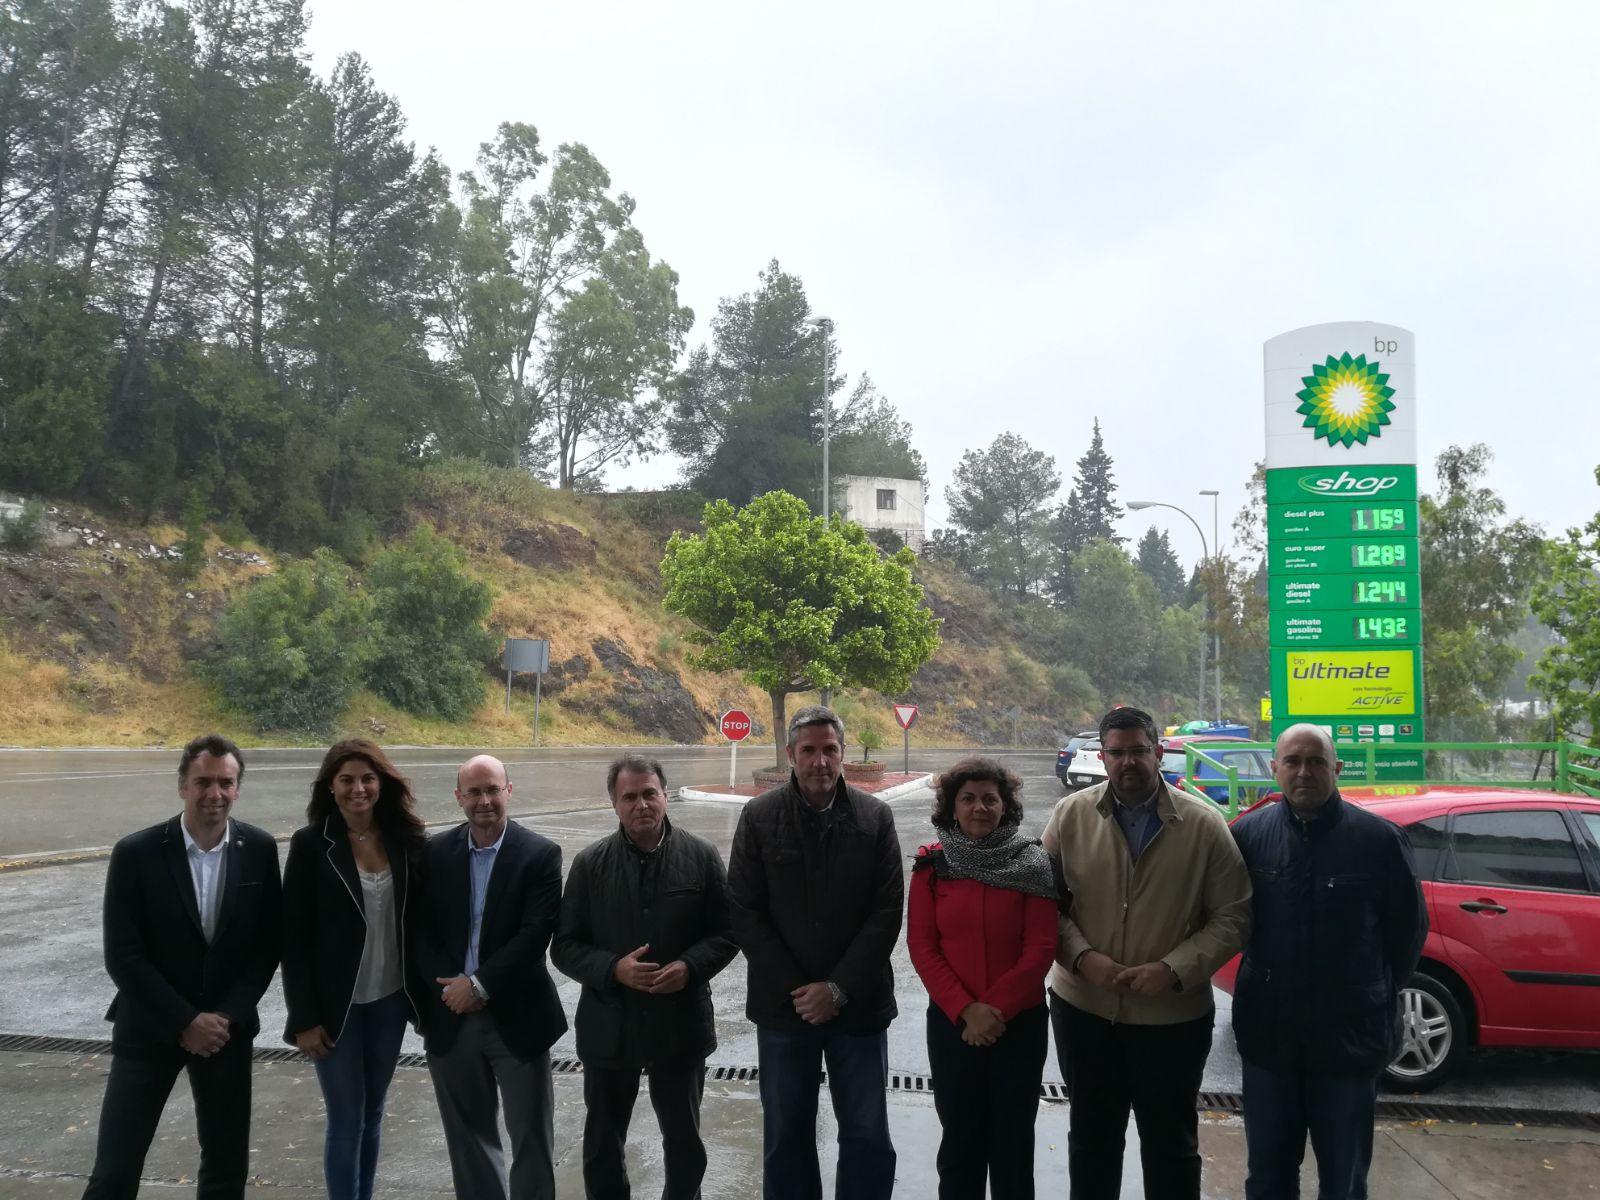 El delegado territorial ha efecutado una visita a la carretera A-387 una vez finalizada la actuación de emergencia.